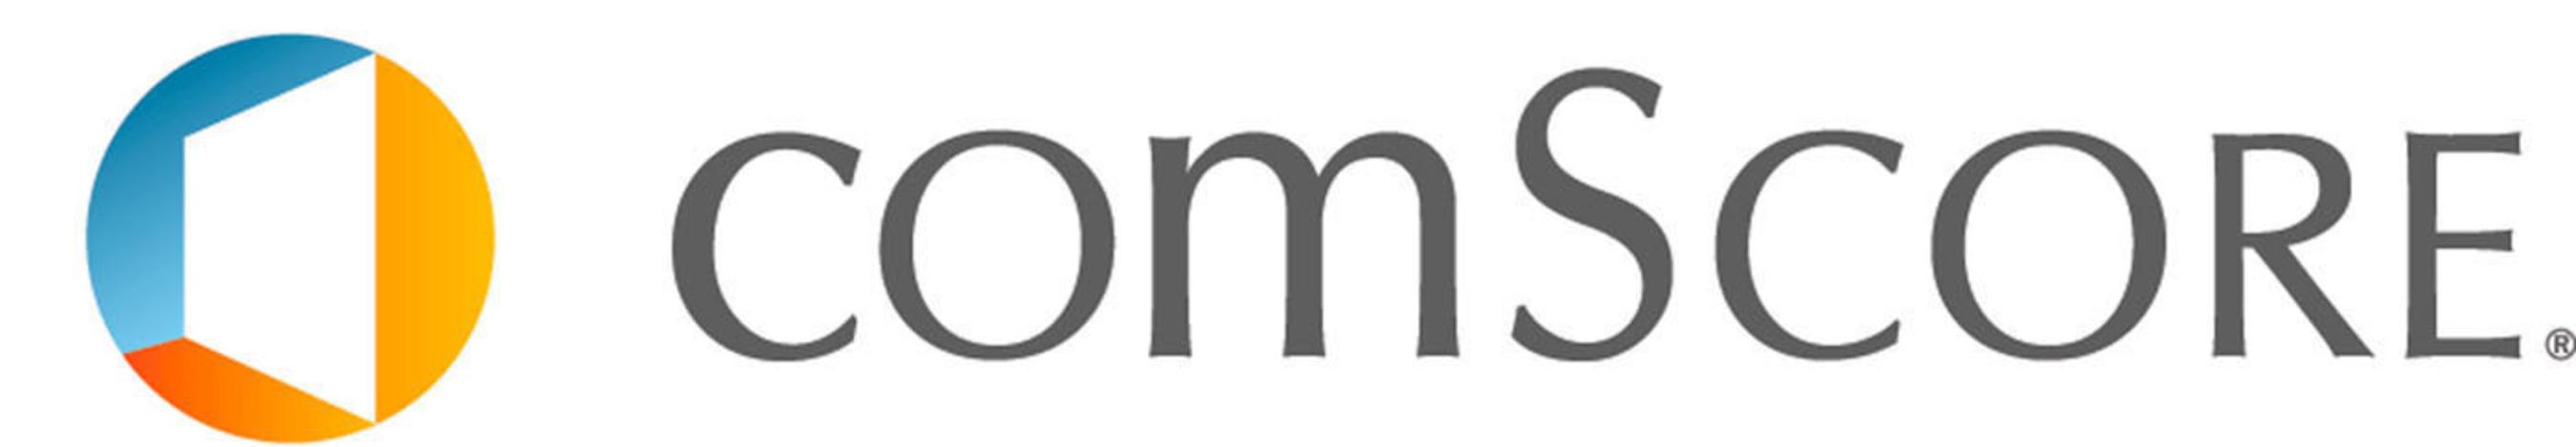 comScore logo.